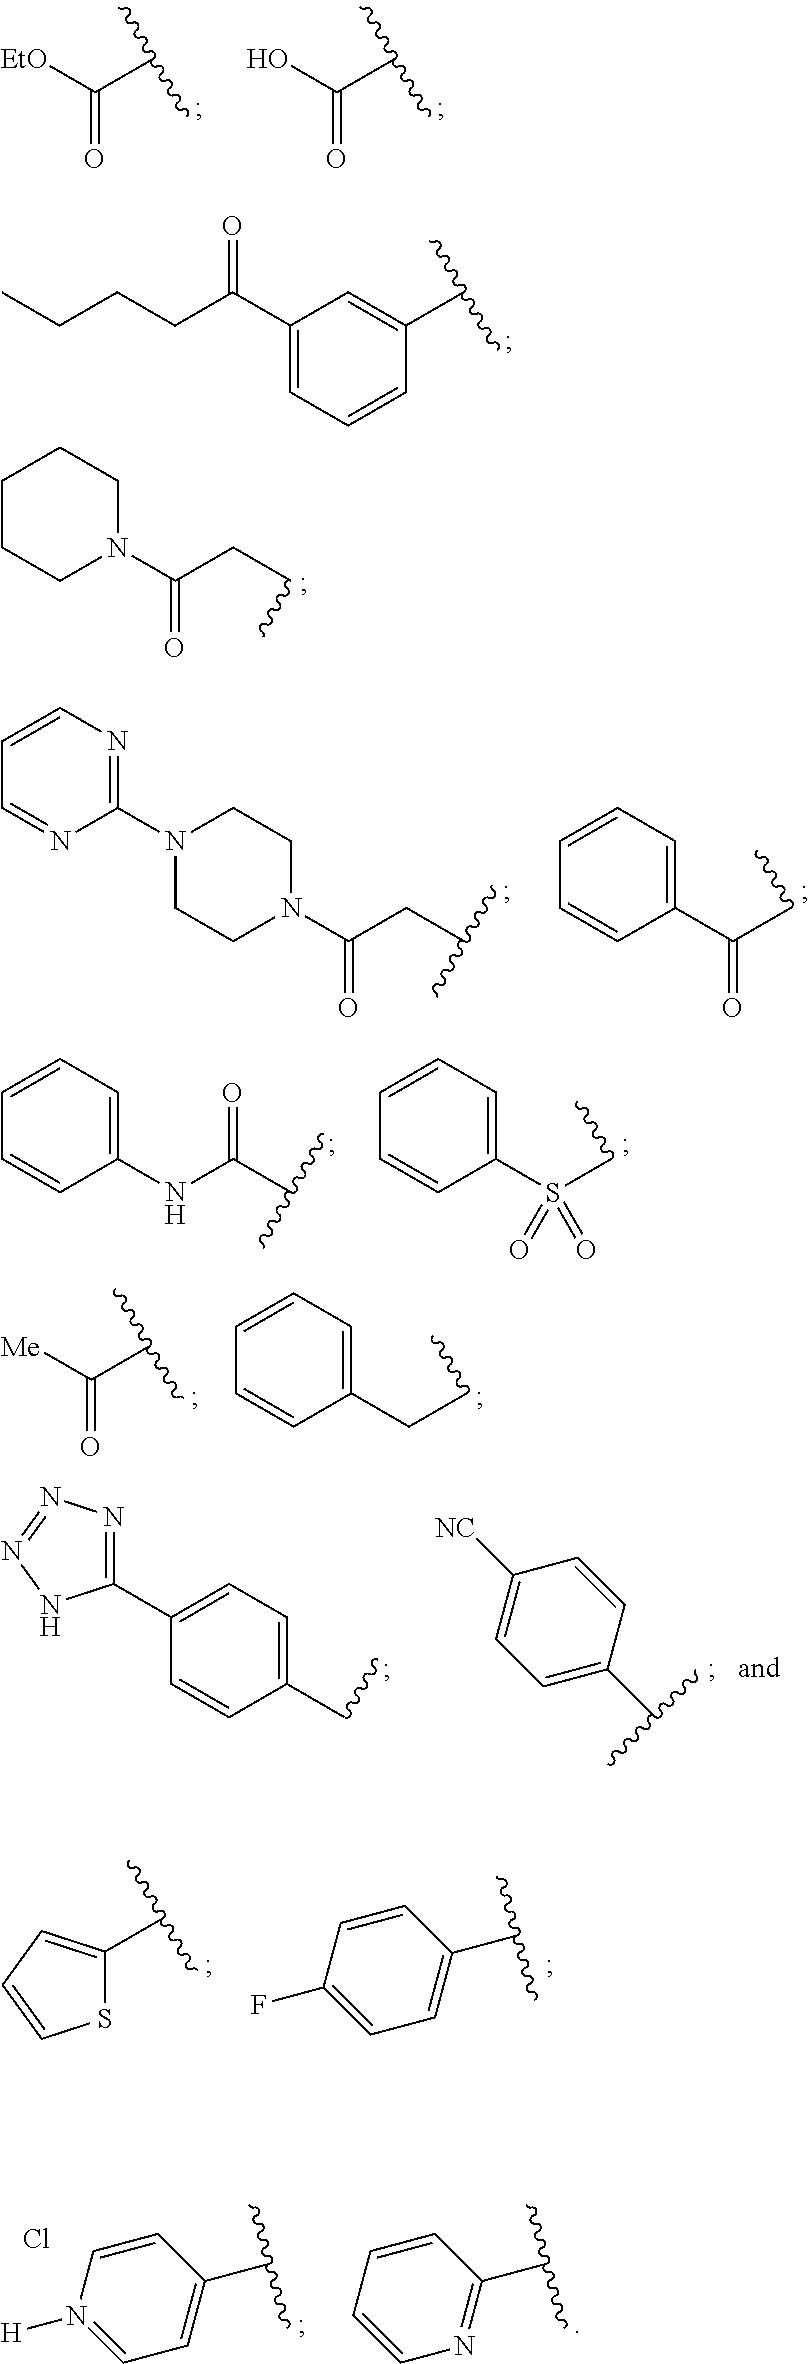 Figure US09566289-20170214-C00019